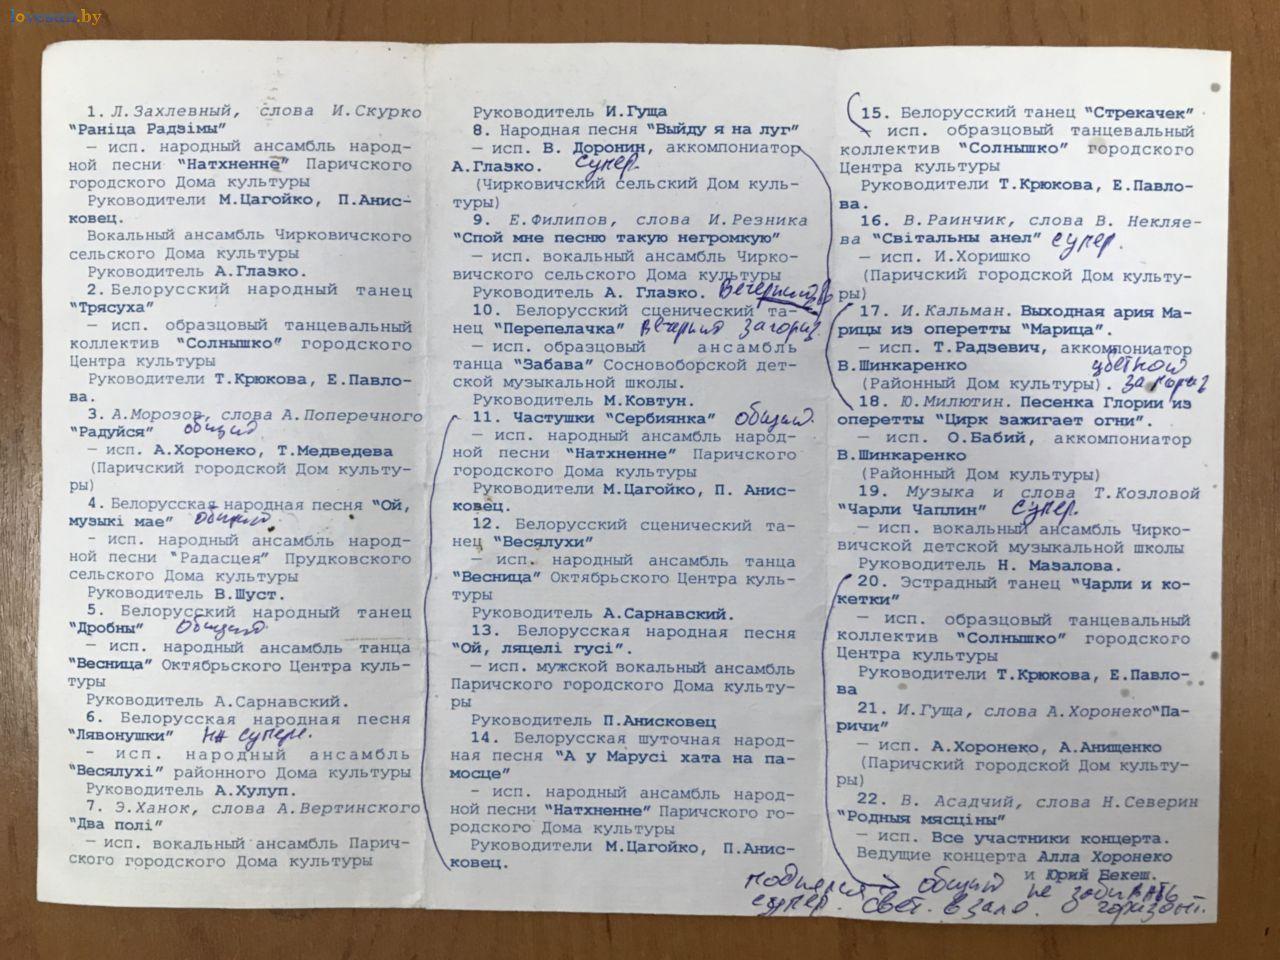 Программа концерта посвященного 75-летию образования Паричского (Светлогорского) района